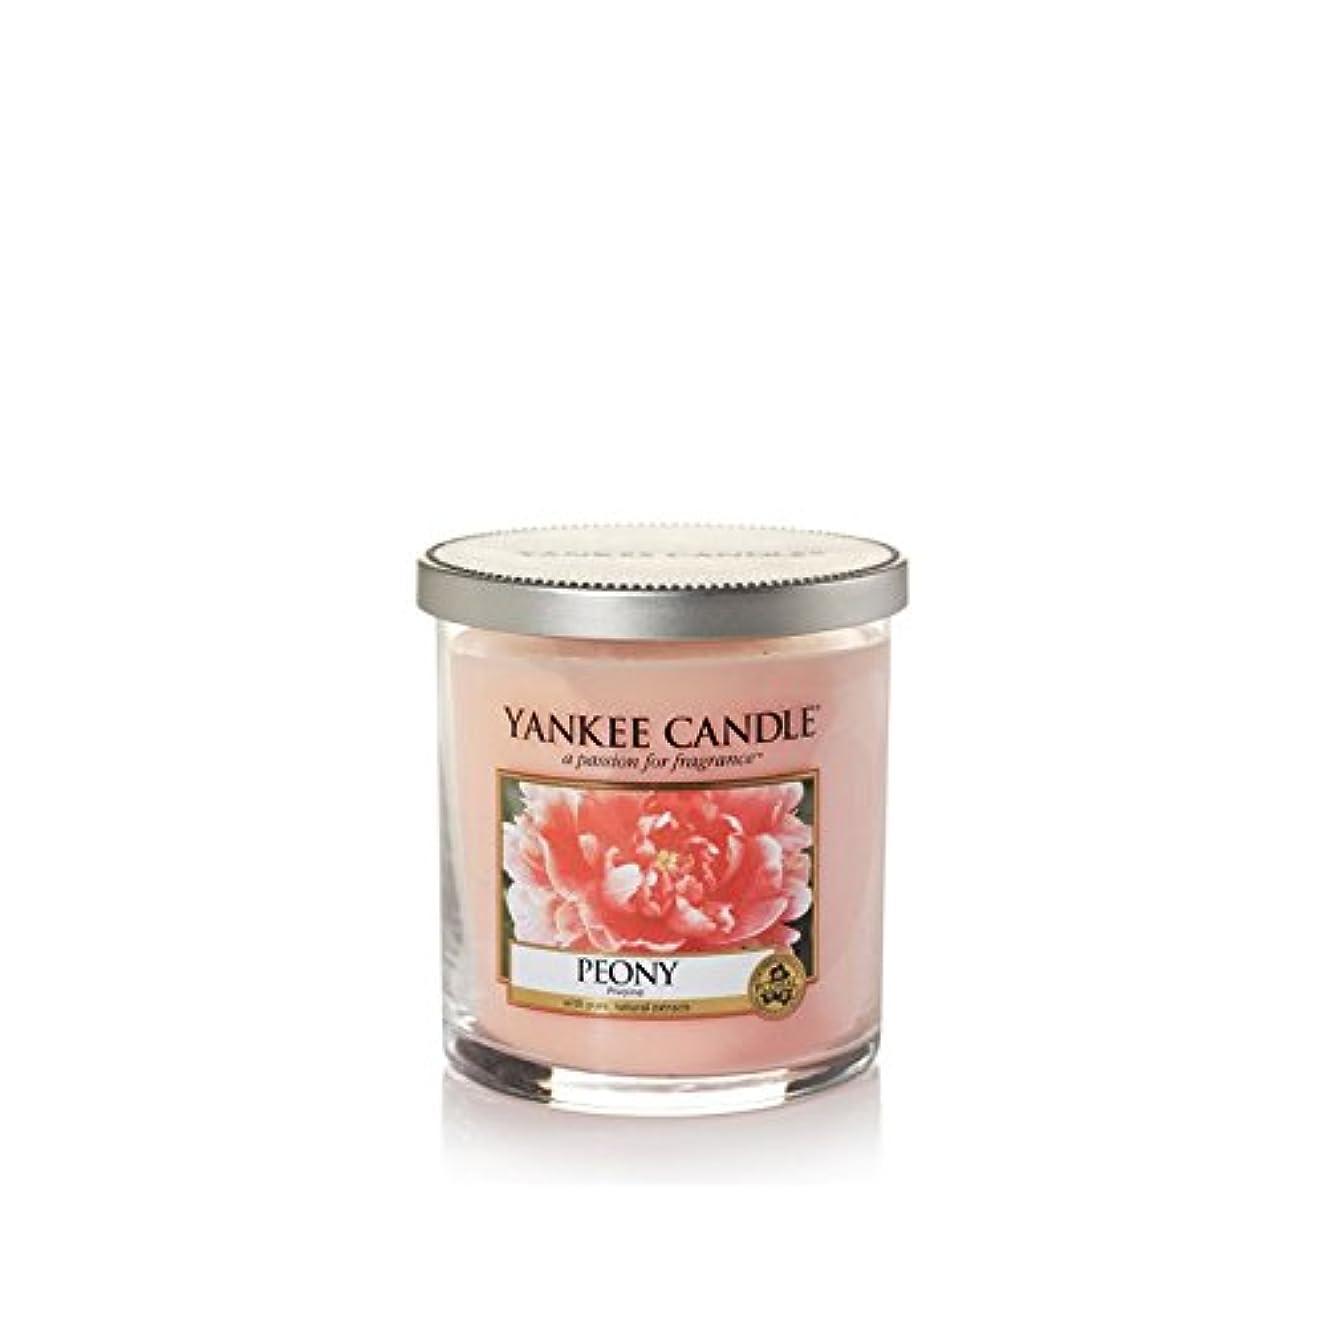 変化球状リネンYankee Candles Small Pillar Candle - Peony (Pack of 6) - ヤンキーキャンドルの小さな柱キャンドル - 牡丹 (x6) [並行輸入品]